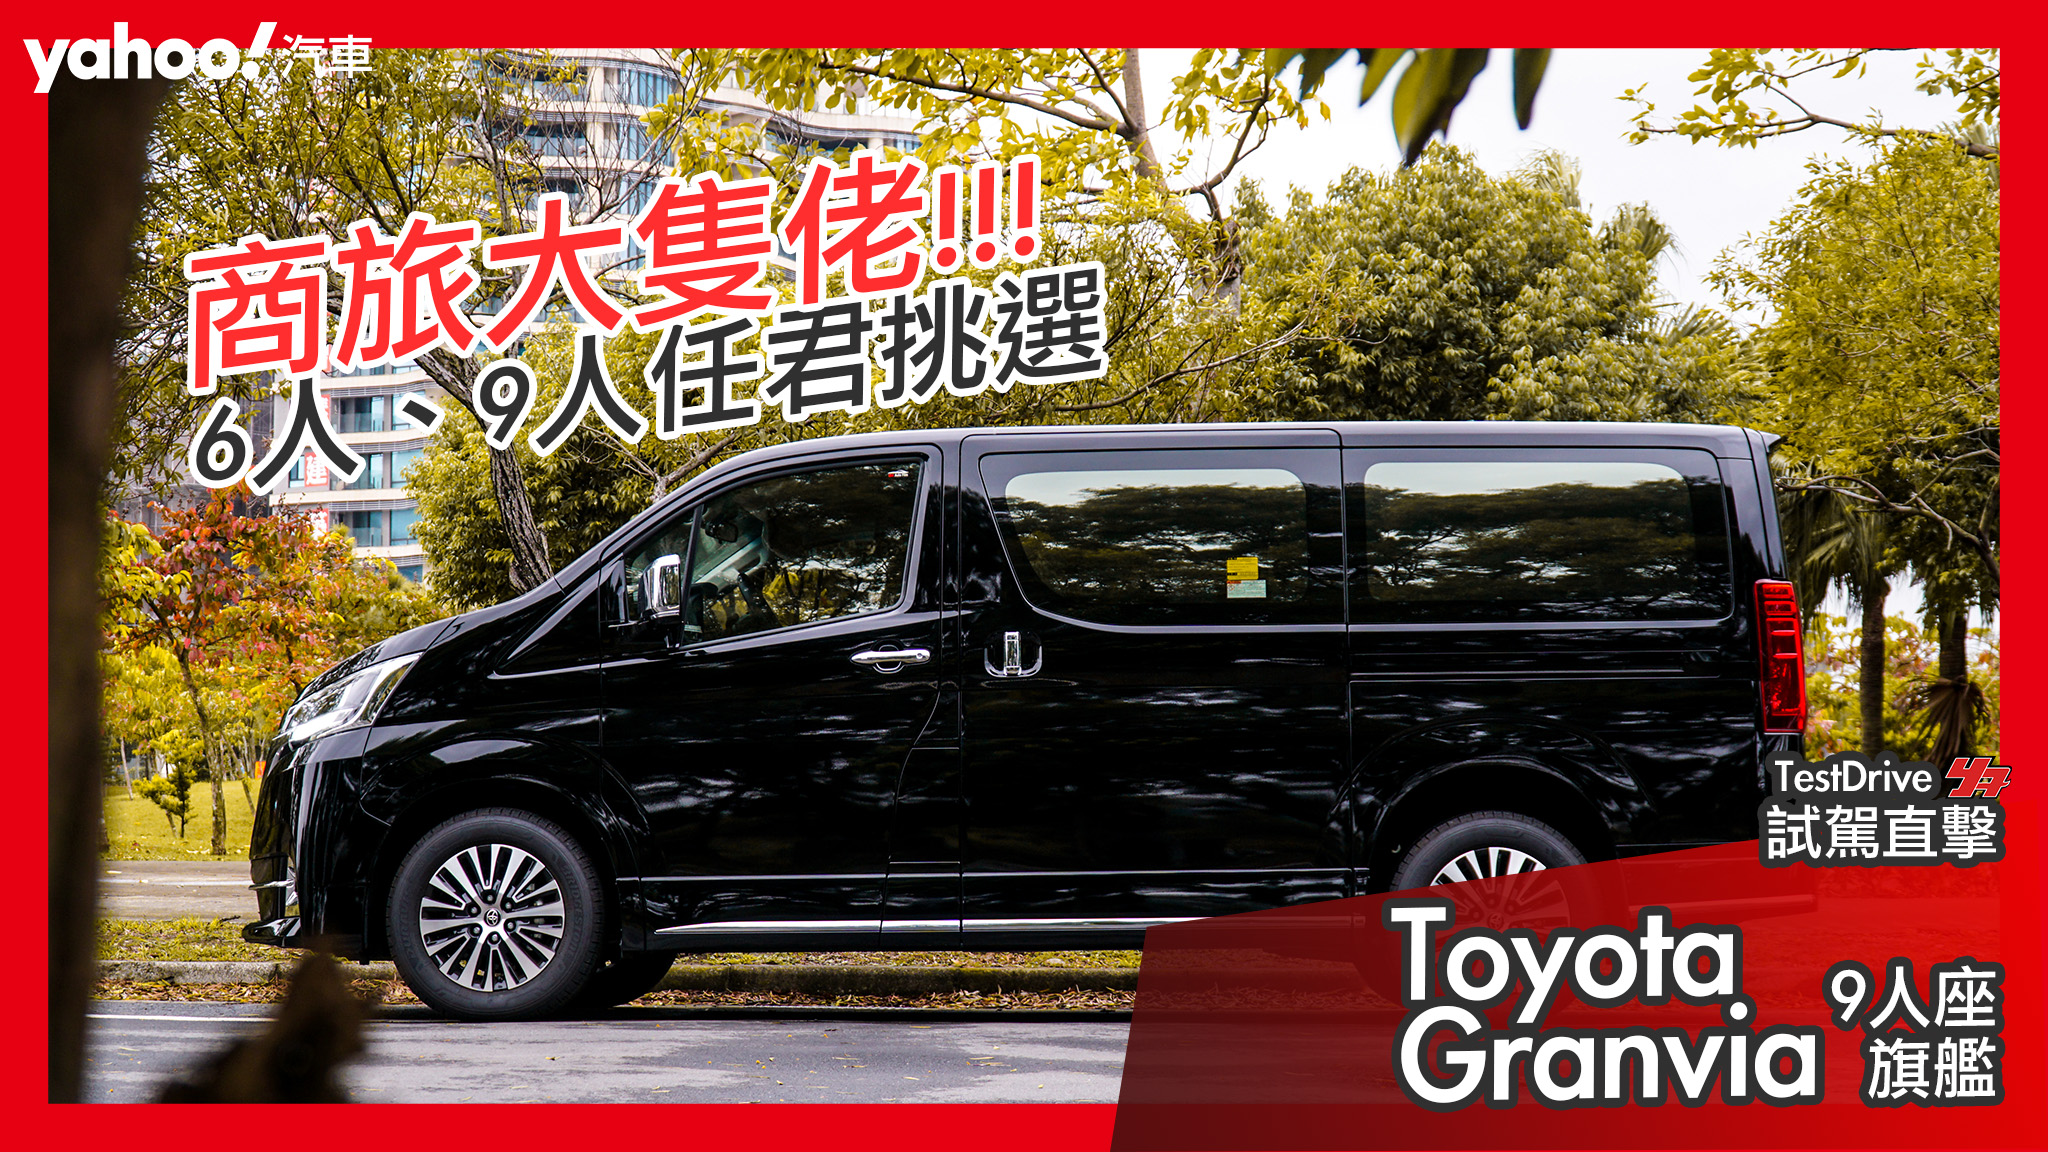 【試駕直擊】行商務之旅、享豪華之實 全新Toyota Granvia 9人座旗艦版試駕!